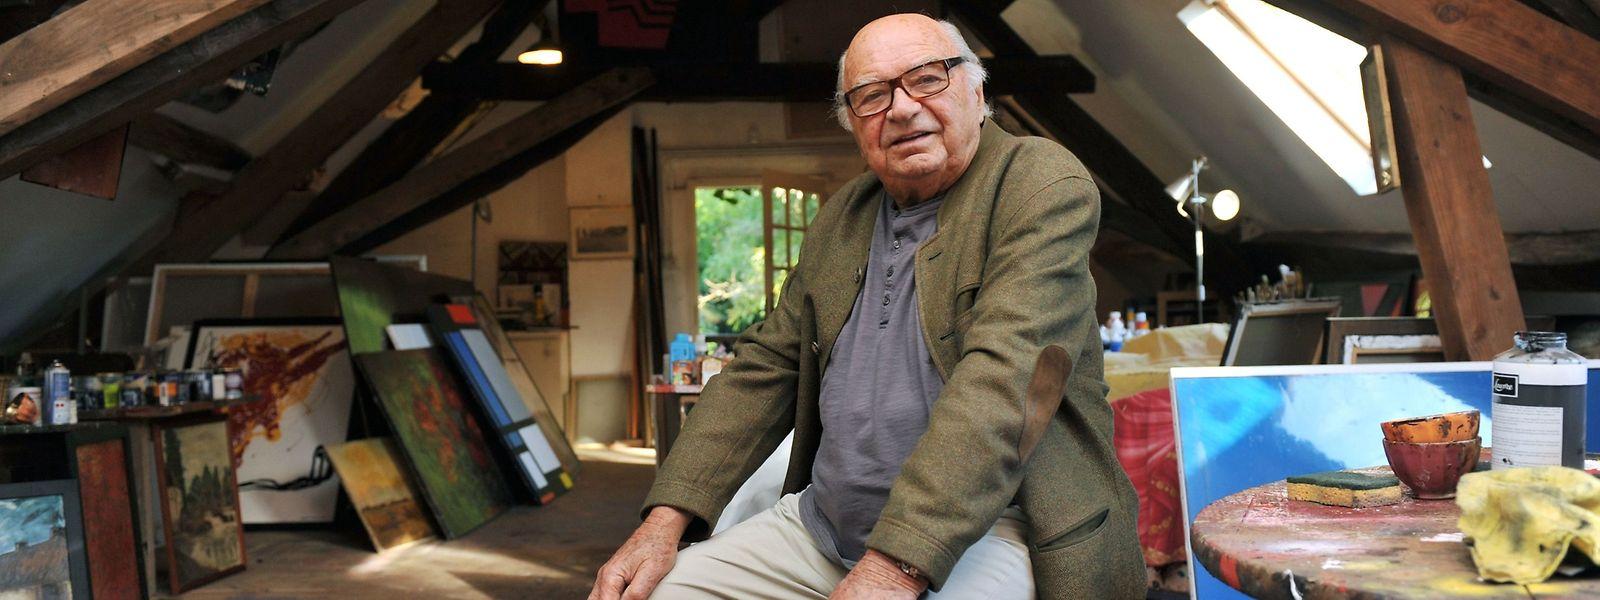 Jacques Dessange im Jahr 2011.